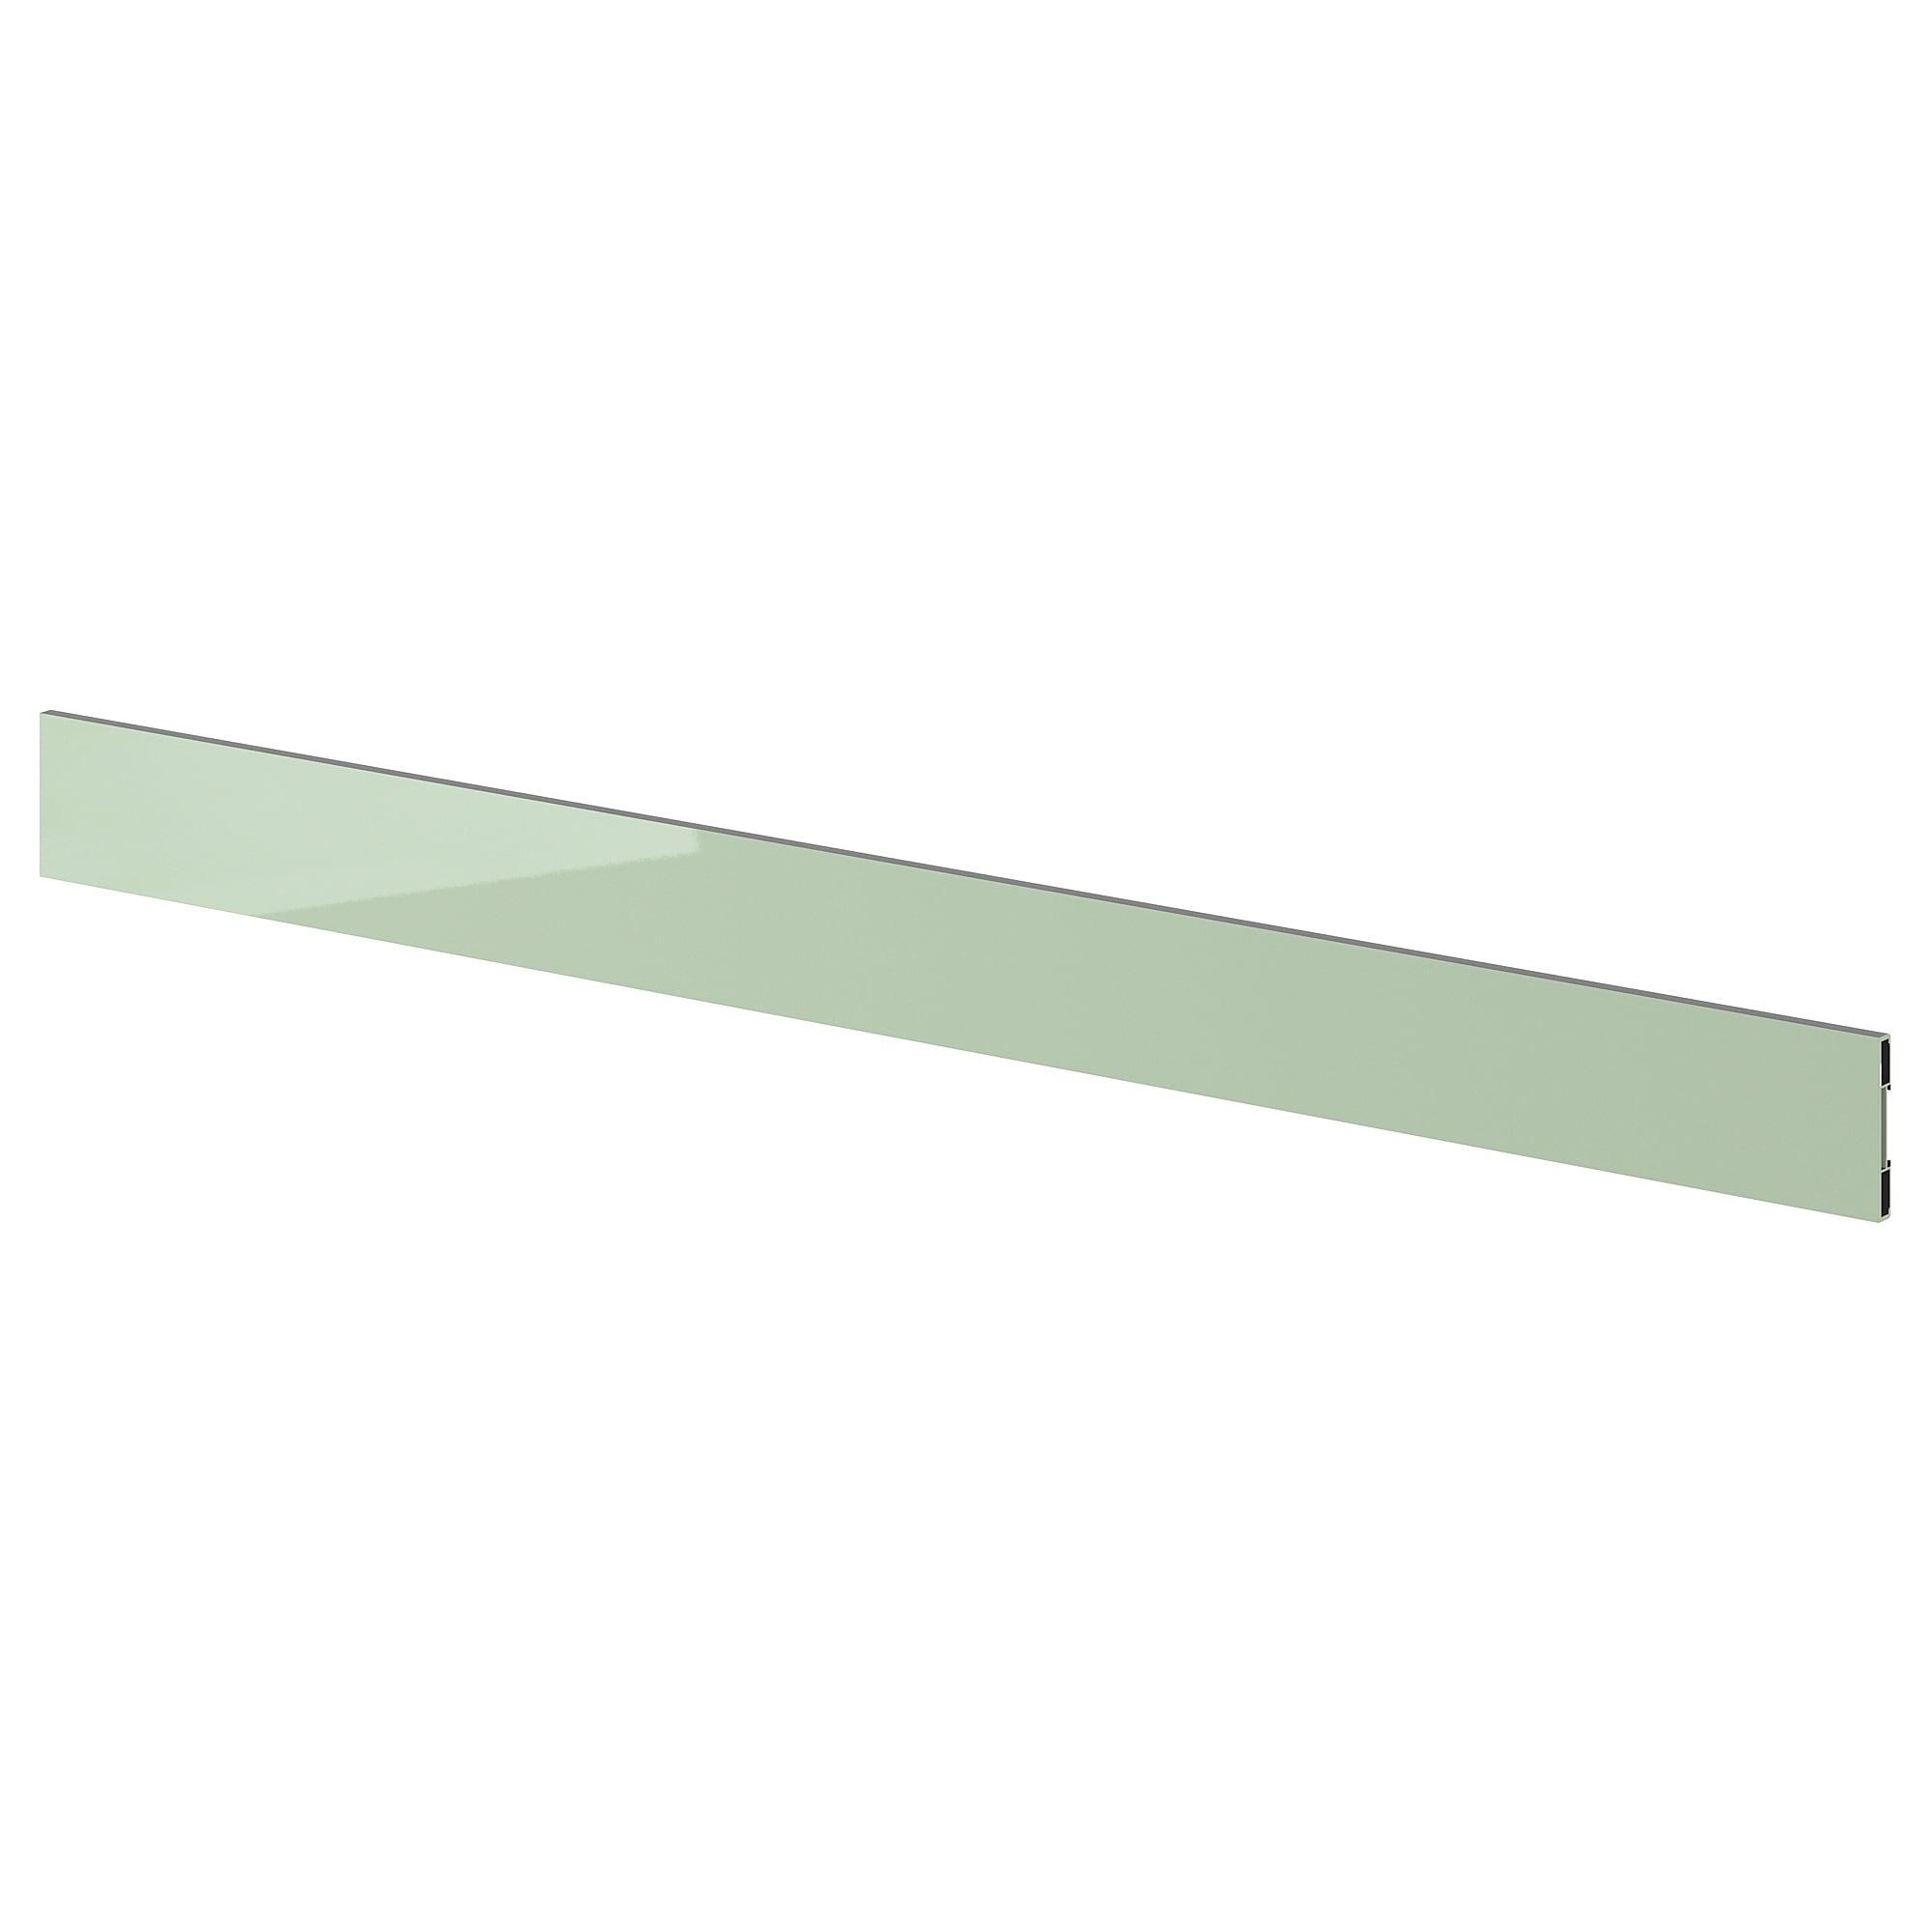 Цоколь КАЛЛАРП светло-зеленый артикуль № 504.371.36 в наличии. Онлайн магазин IKEA РБ. Недорогая доставка и соборка.